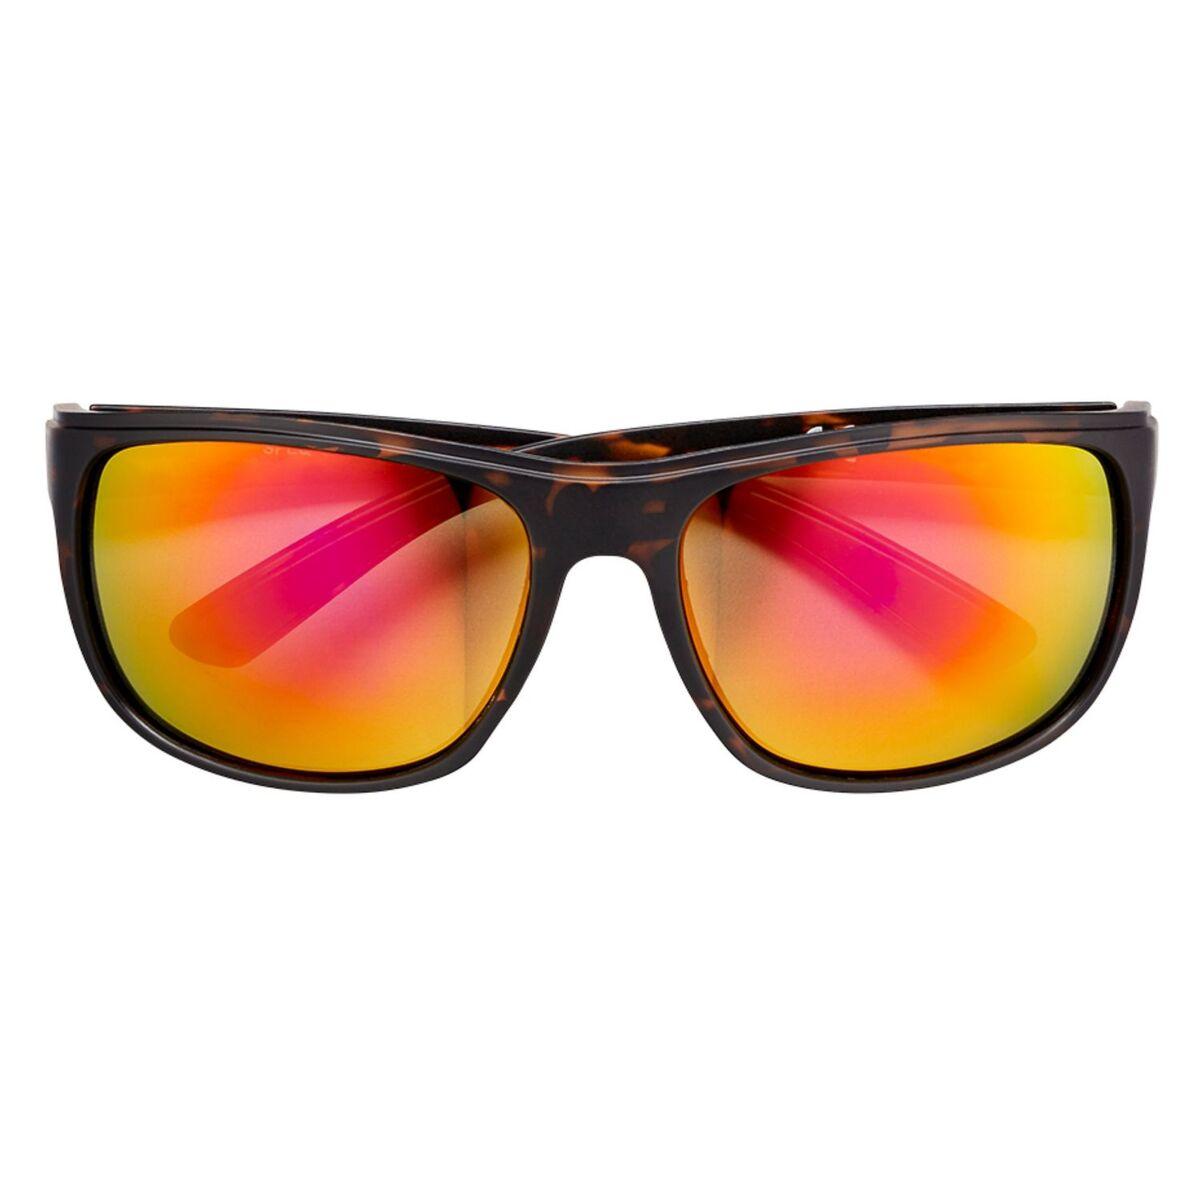 Bild 3 von Maui and Sons®  Sonnenbrille